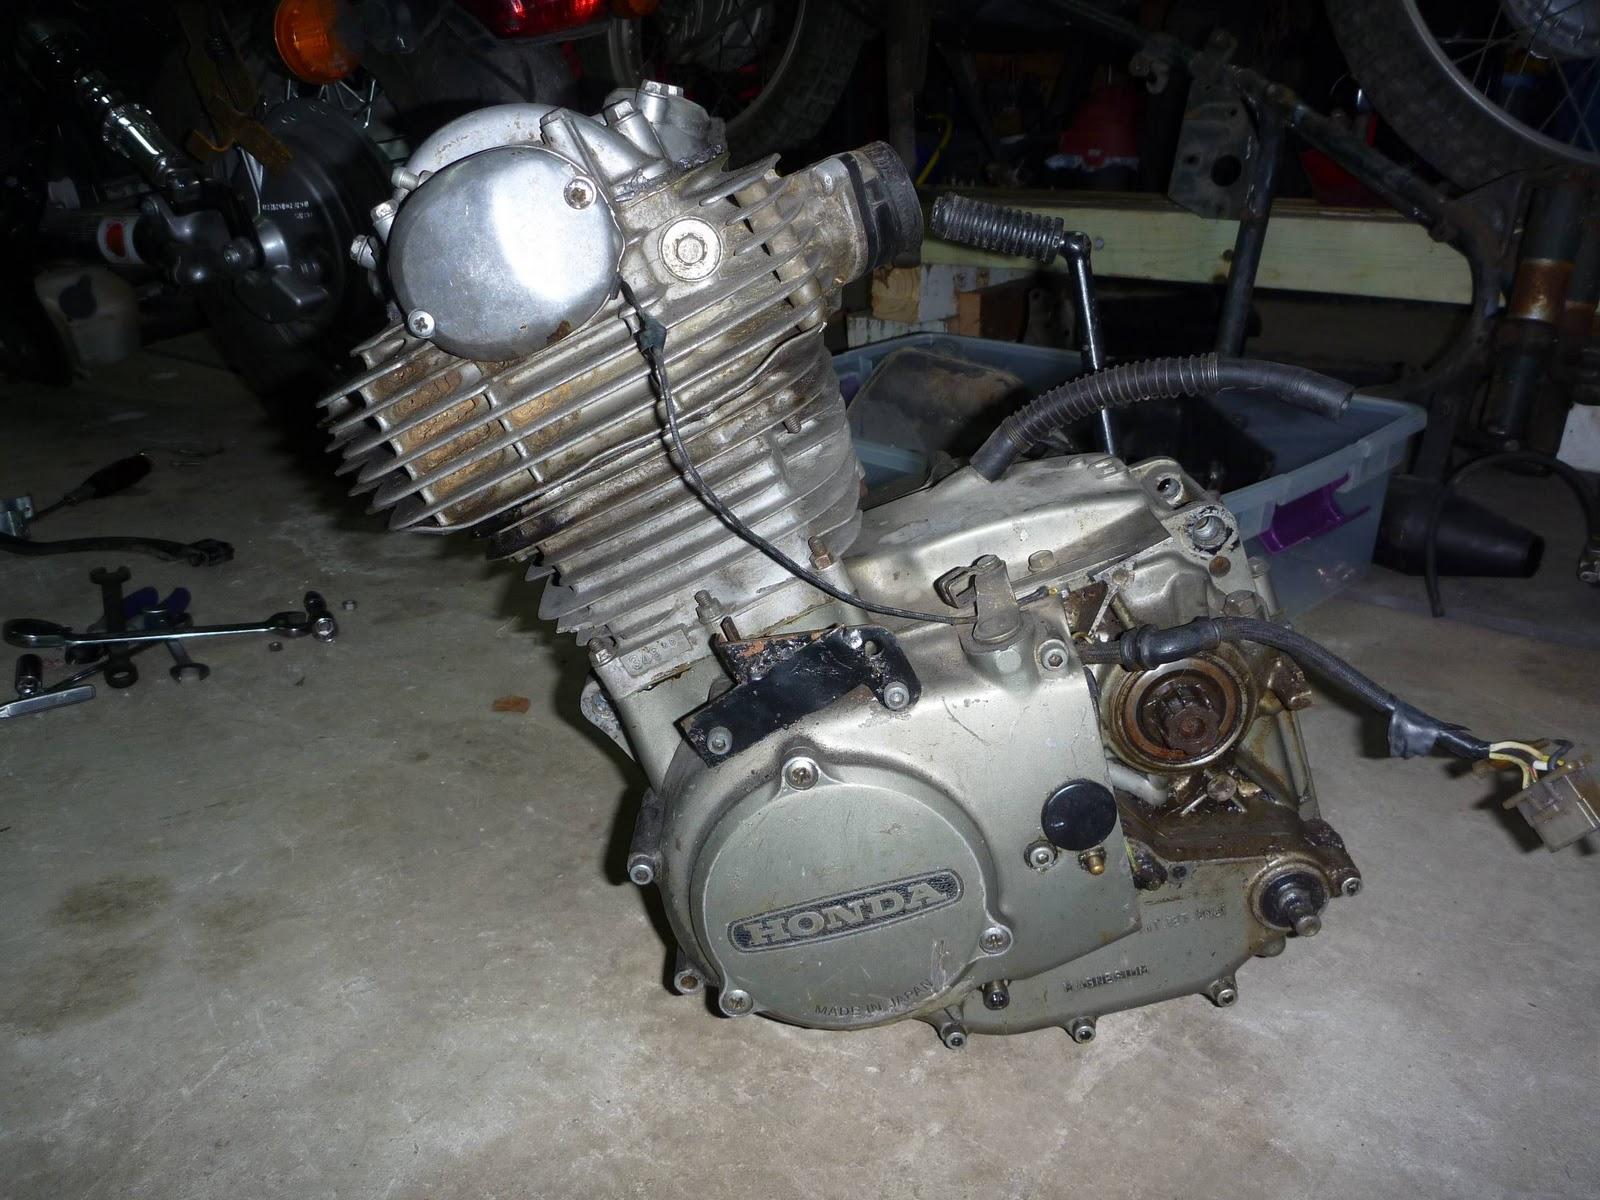 Honda Cb175 Engine Cb 175 Wiring Diagram R Removal 1600x1200